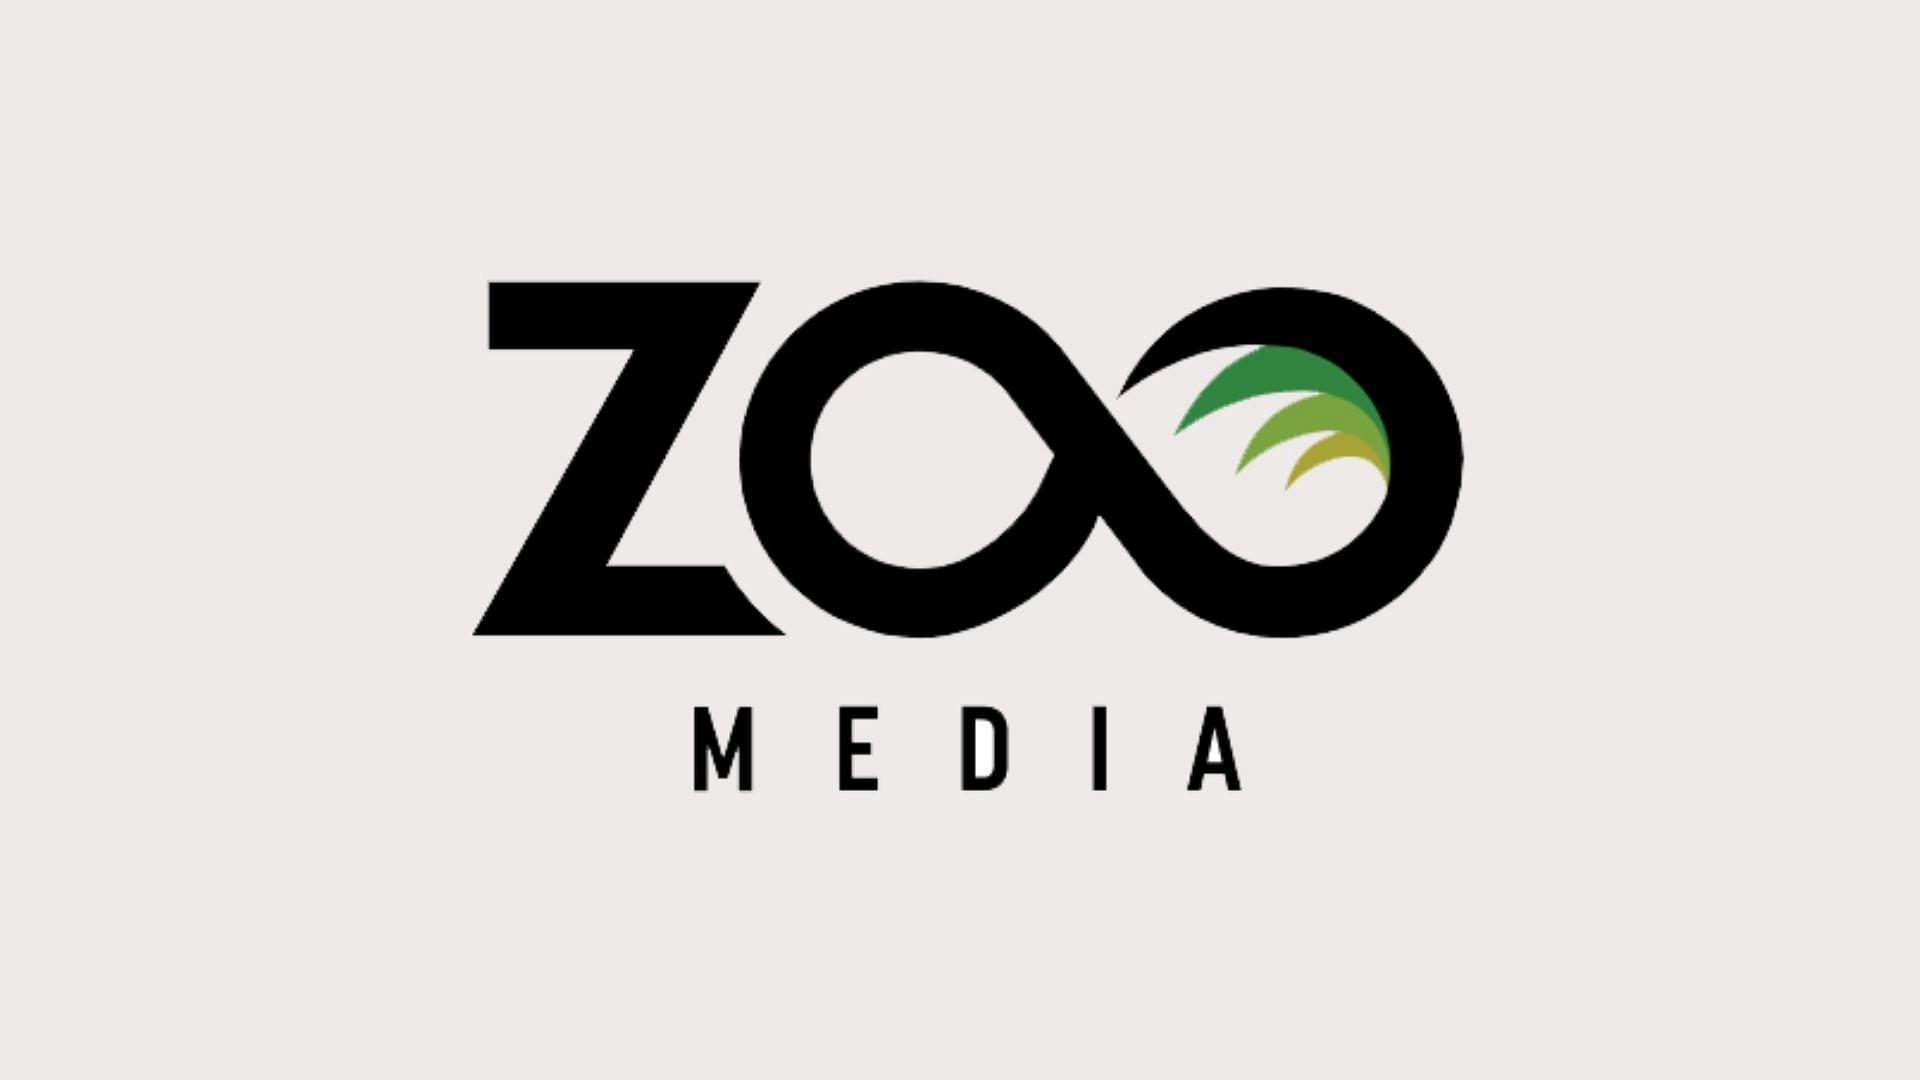 zoomedia?blur=25